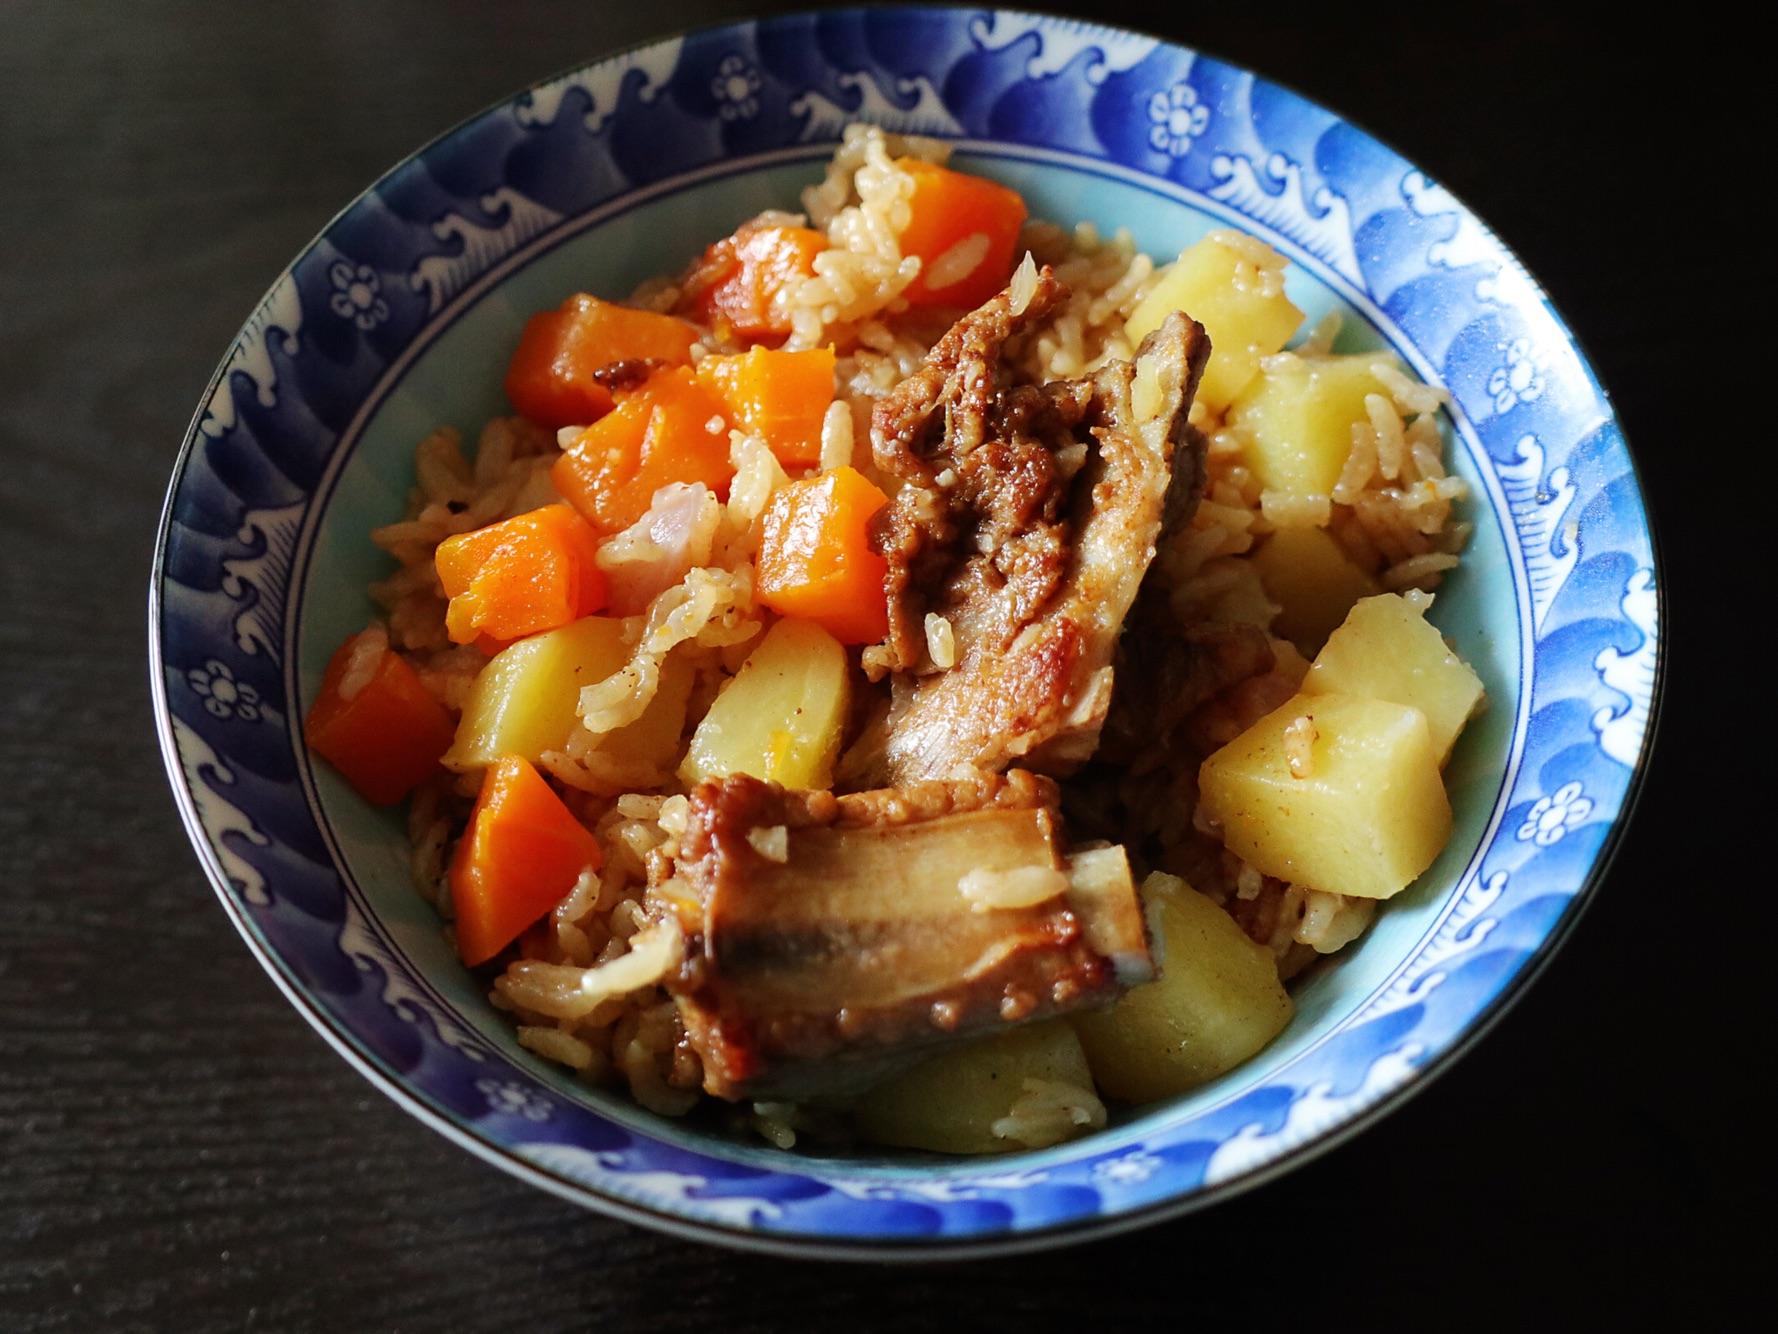 懒人版鲁菜排骨焖饭喜宴济宁土豆菜谱图片